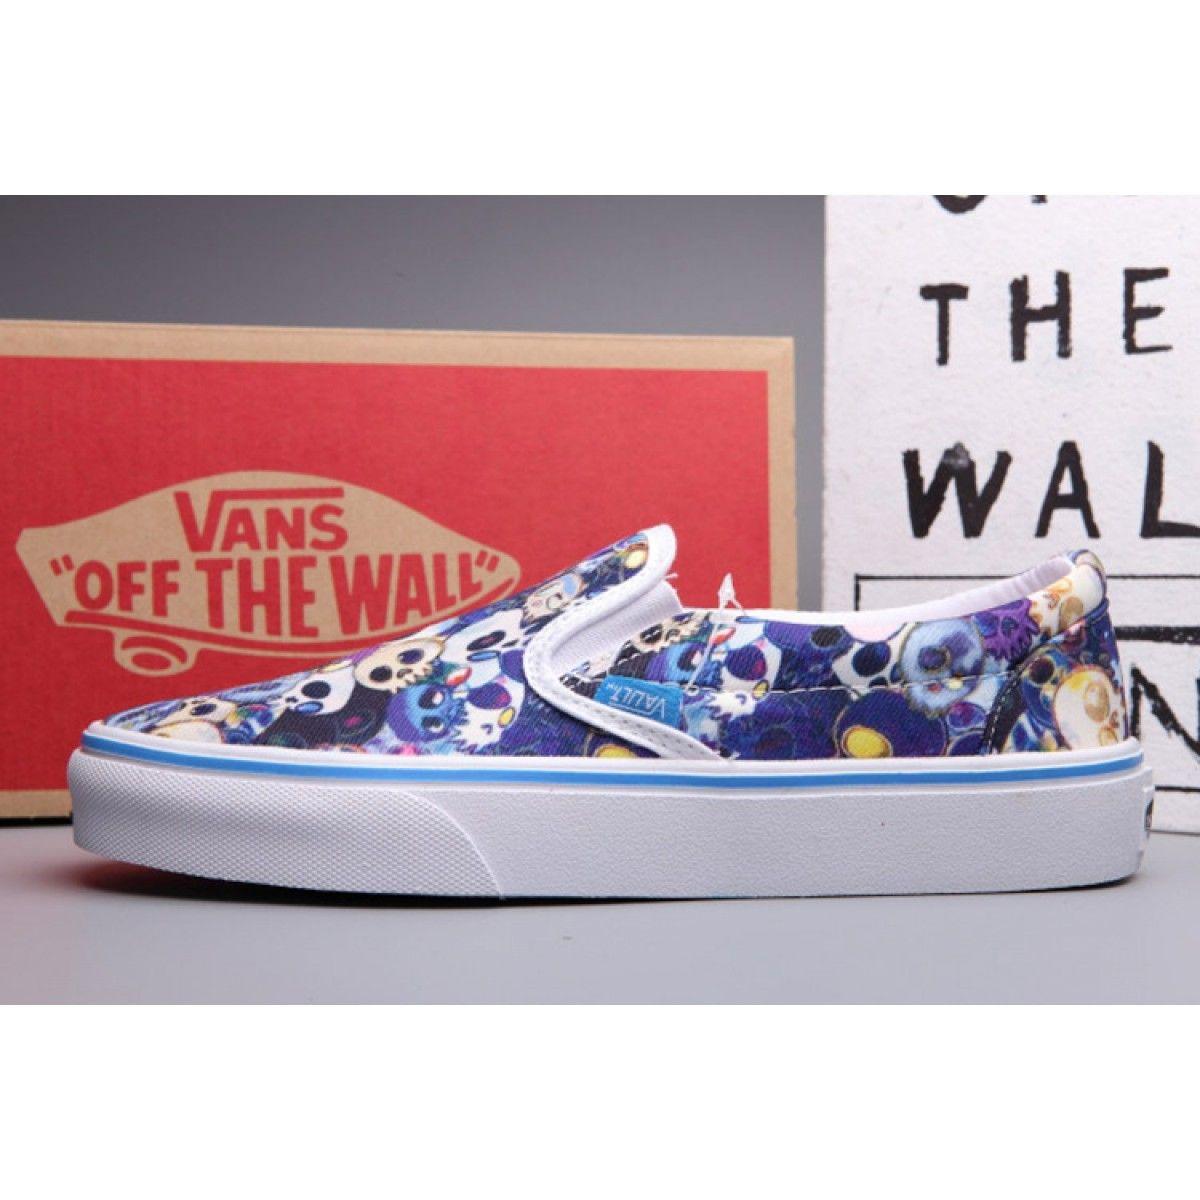 749e955297 Classic Blue Vans Slip-On LX Skull Print Skateboard Shoes  Vans ...